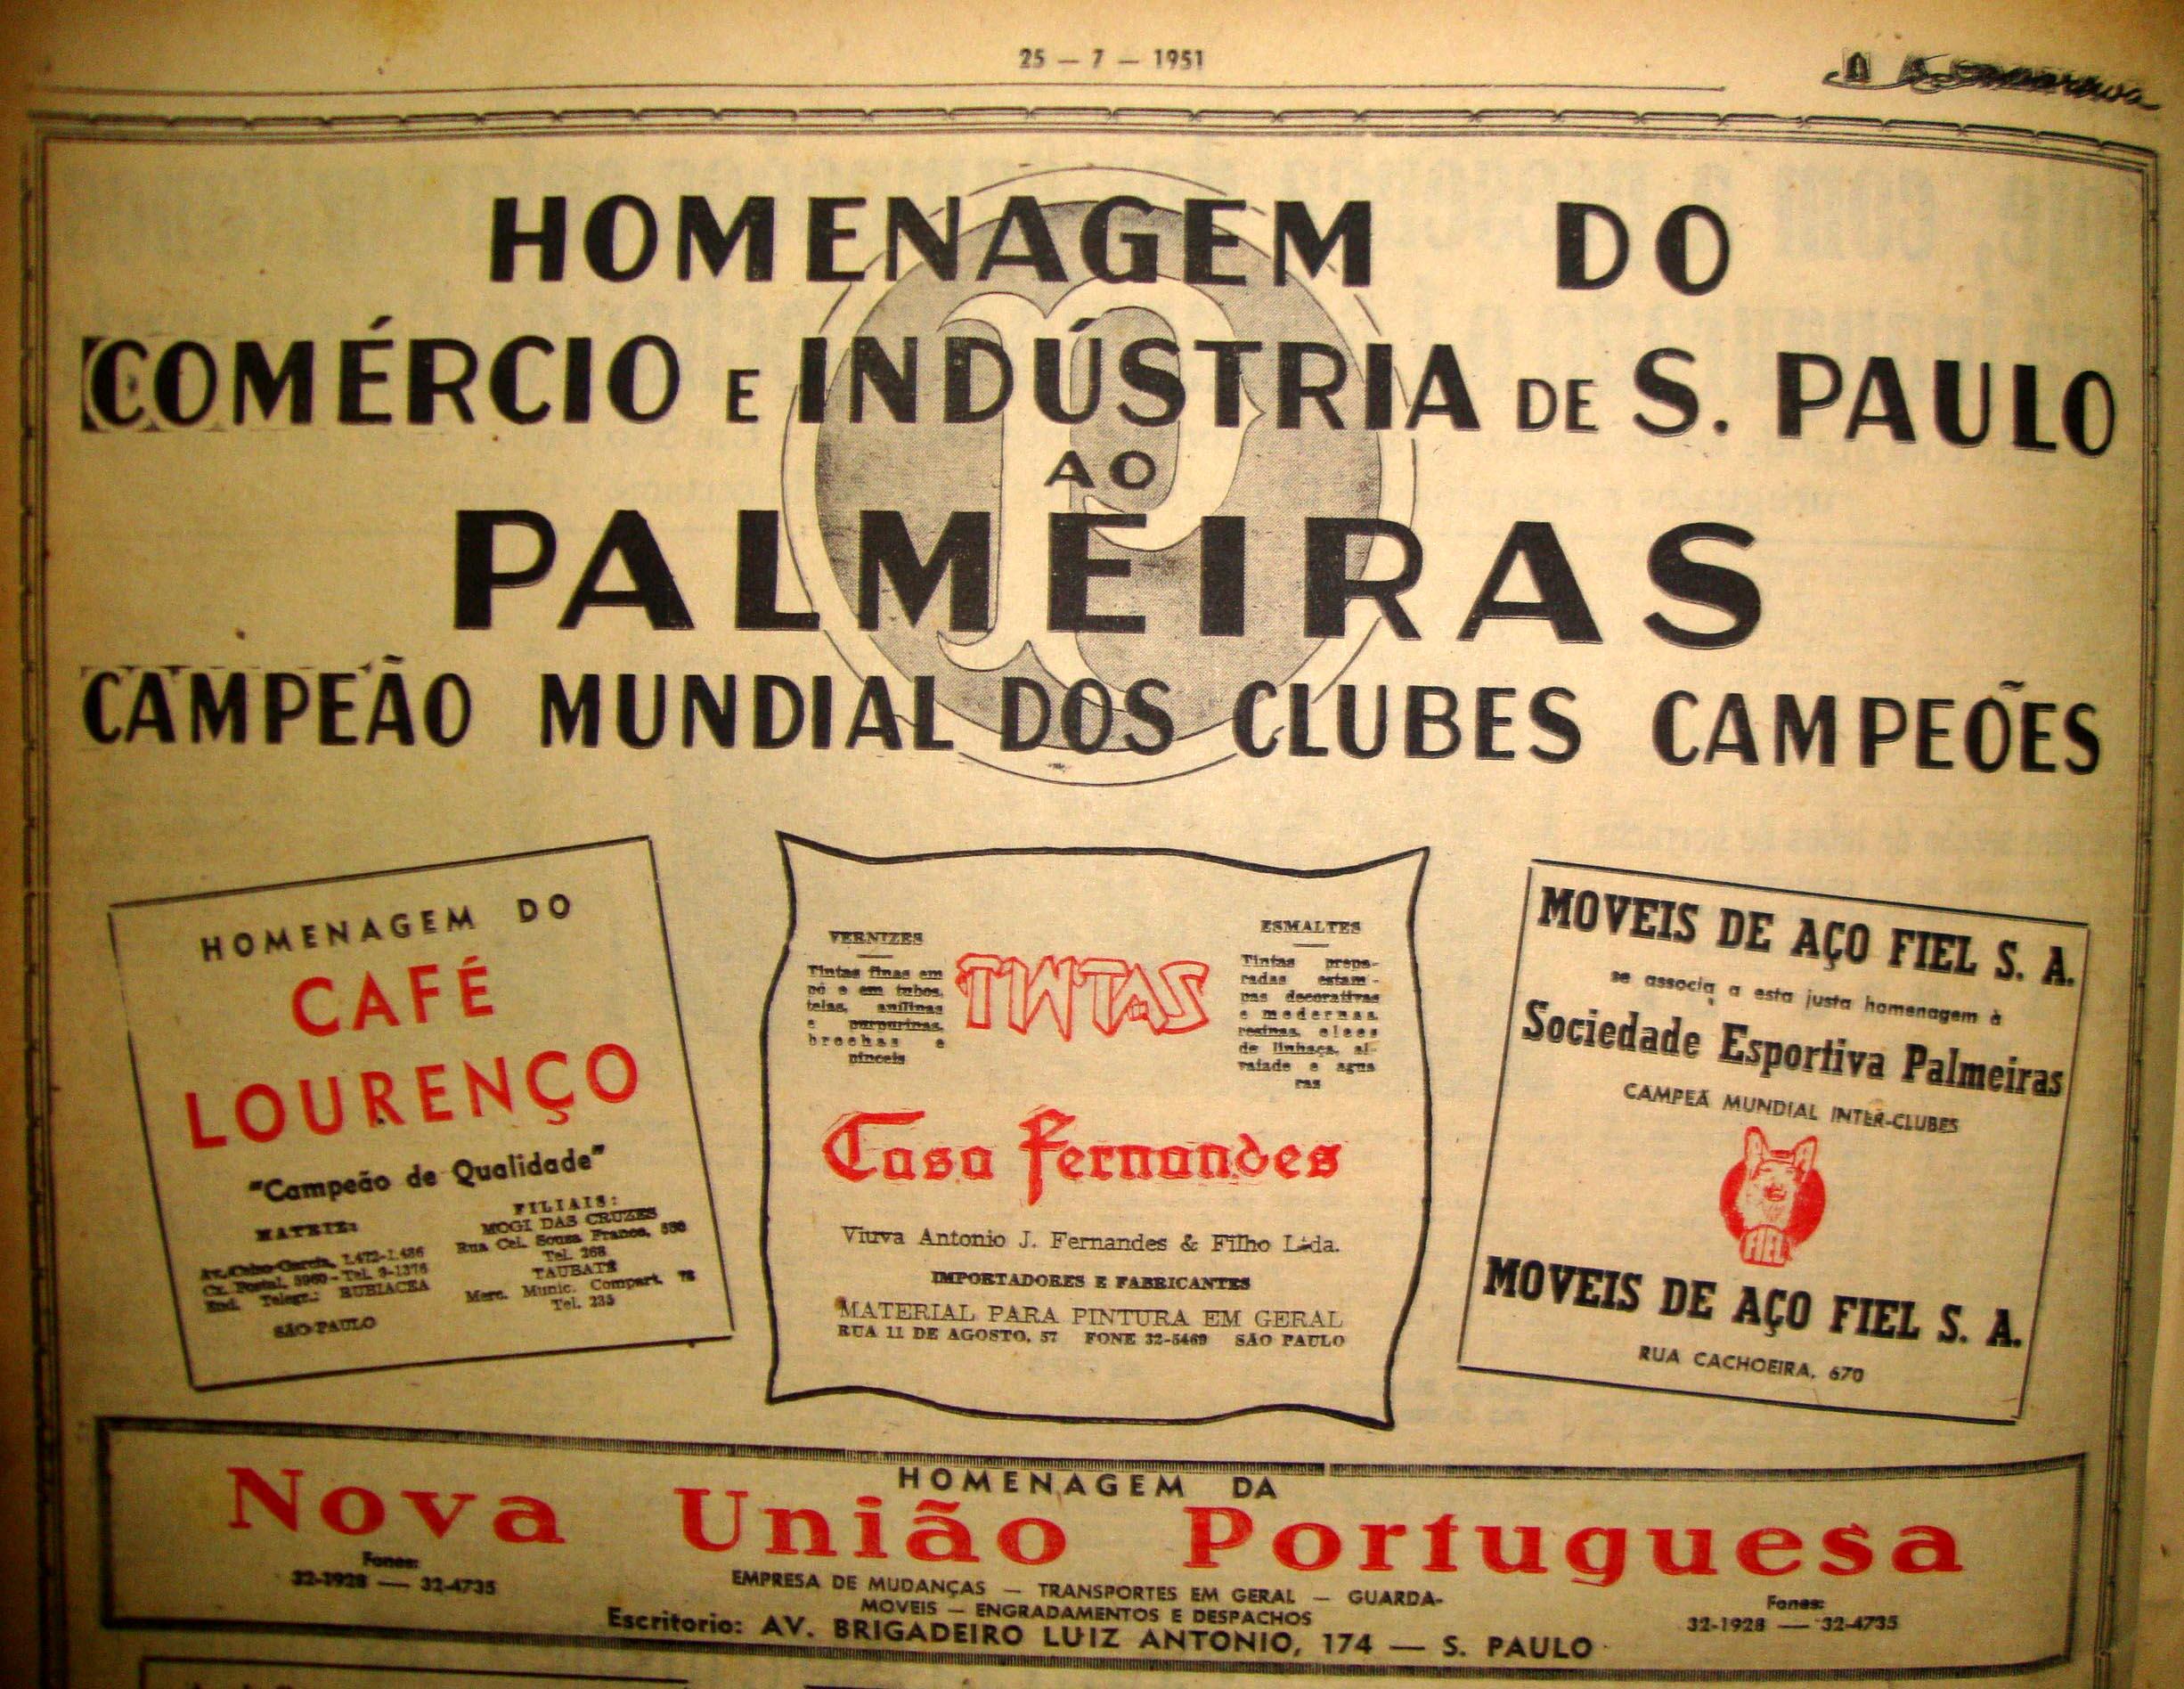 Empresas e entidades prestaram reverência ao Palmeiras